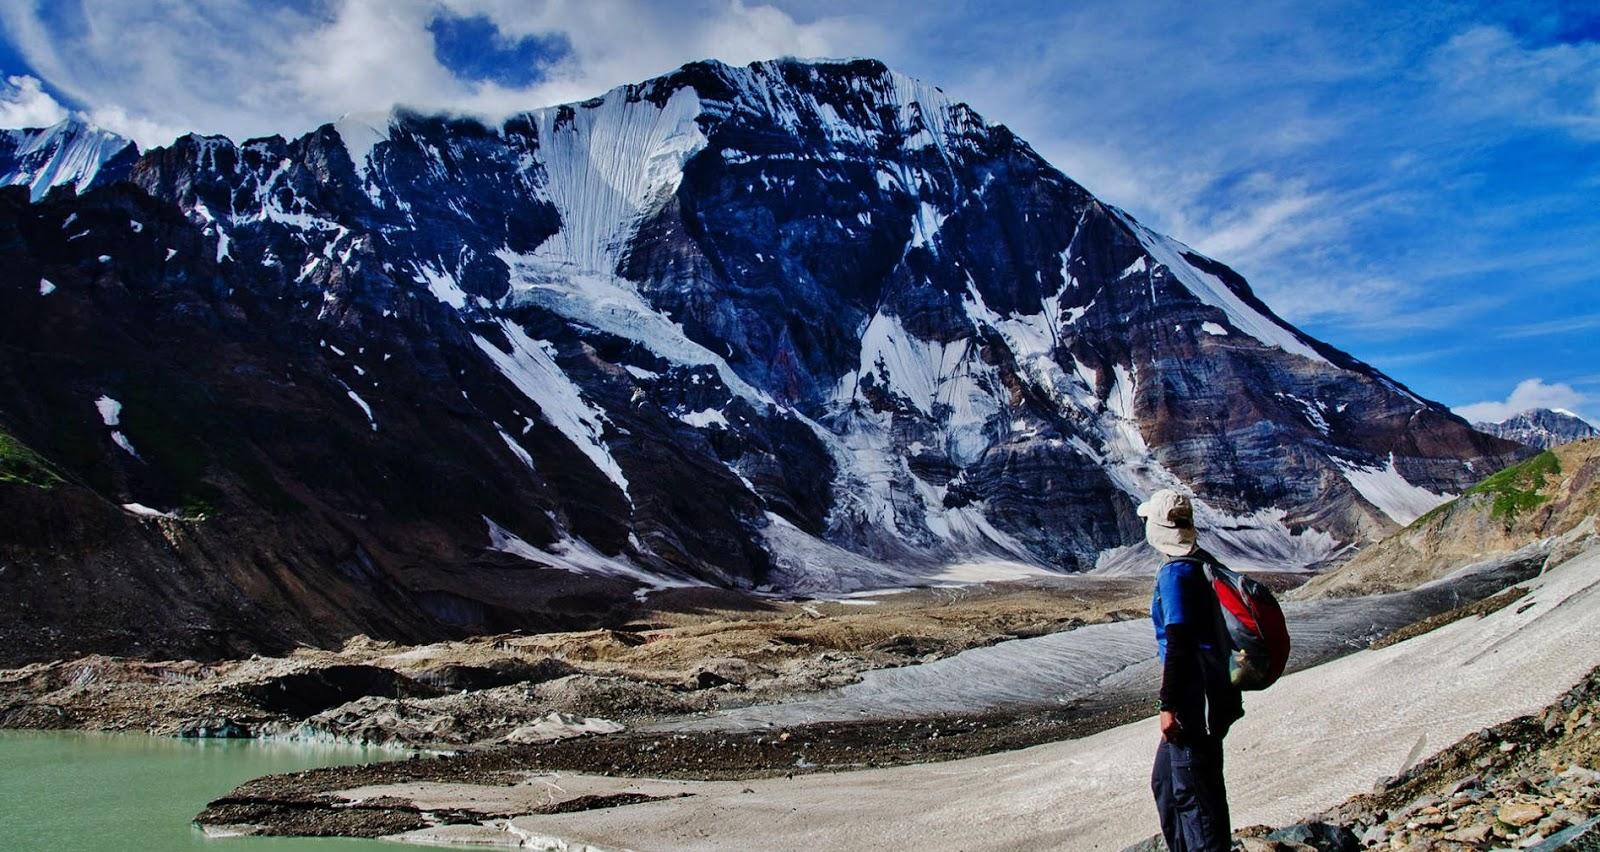 Warwan-Valley-travelandtreasures-Trekking-in-Kashmir